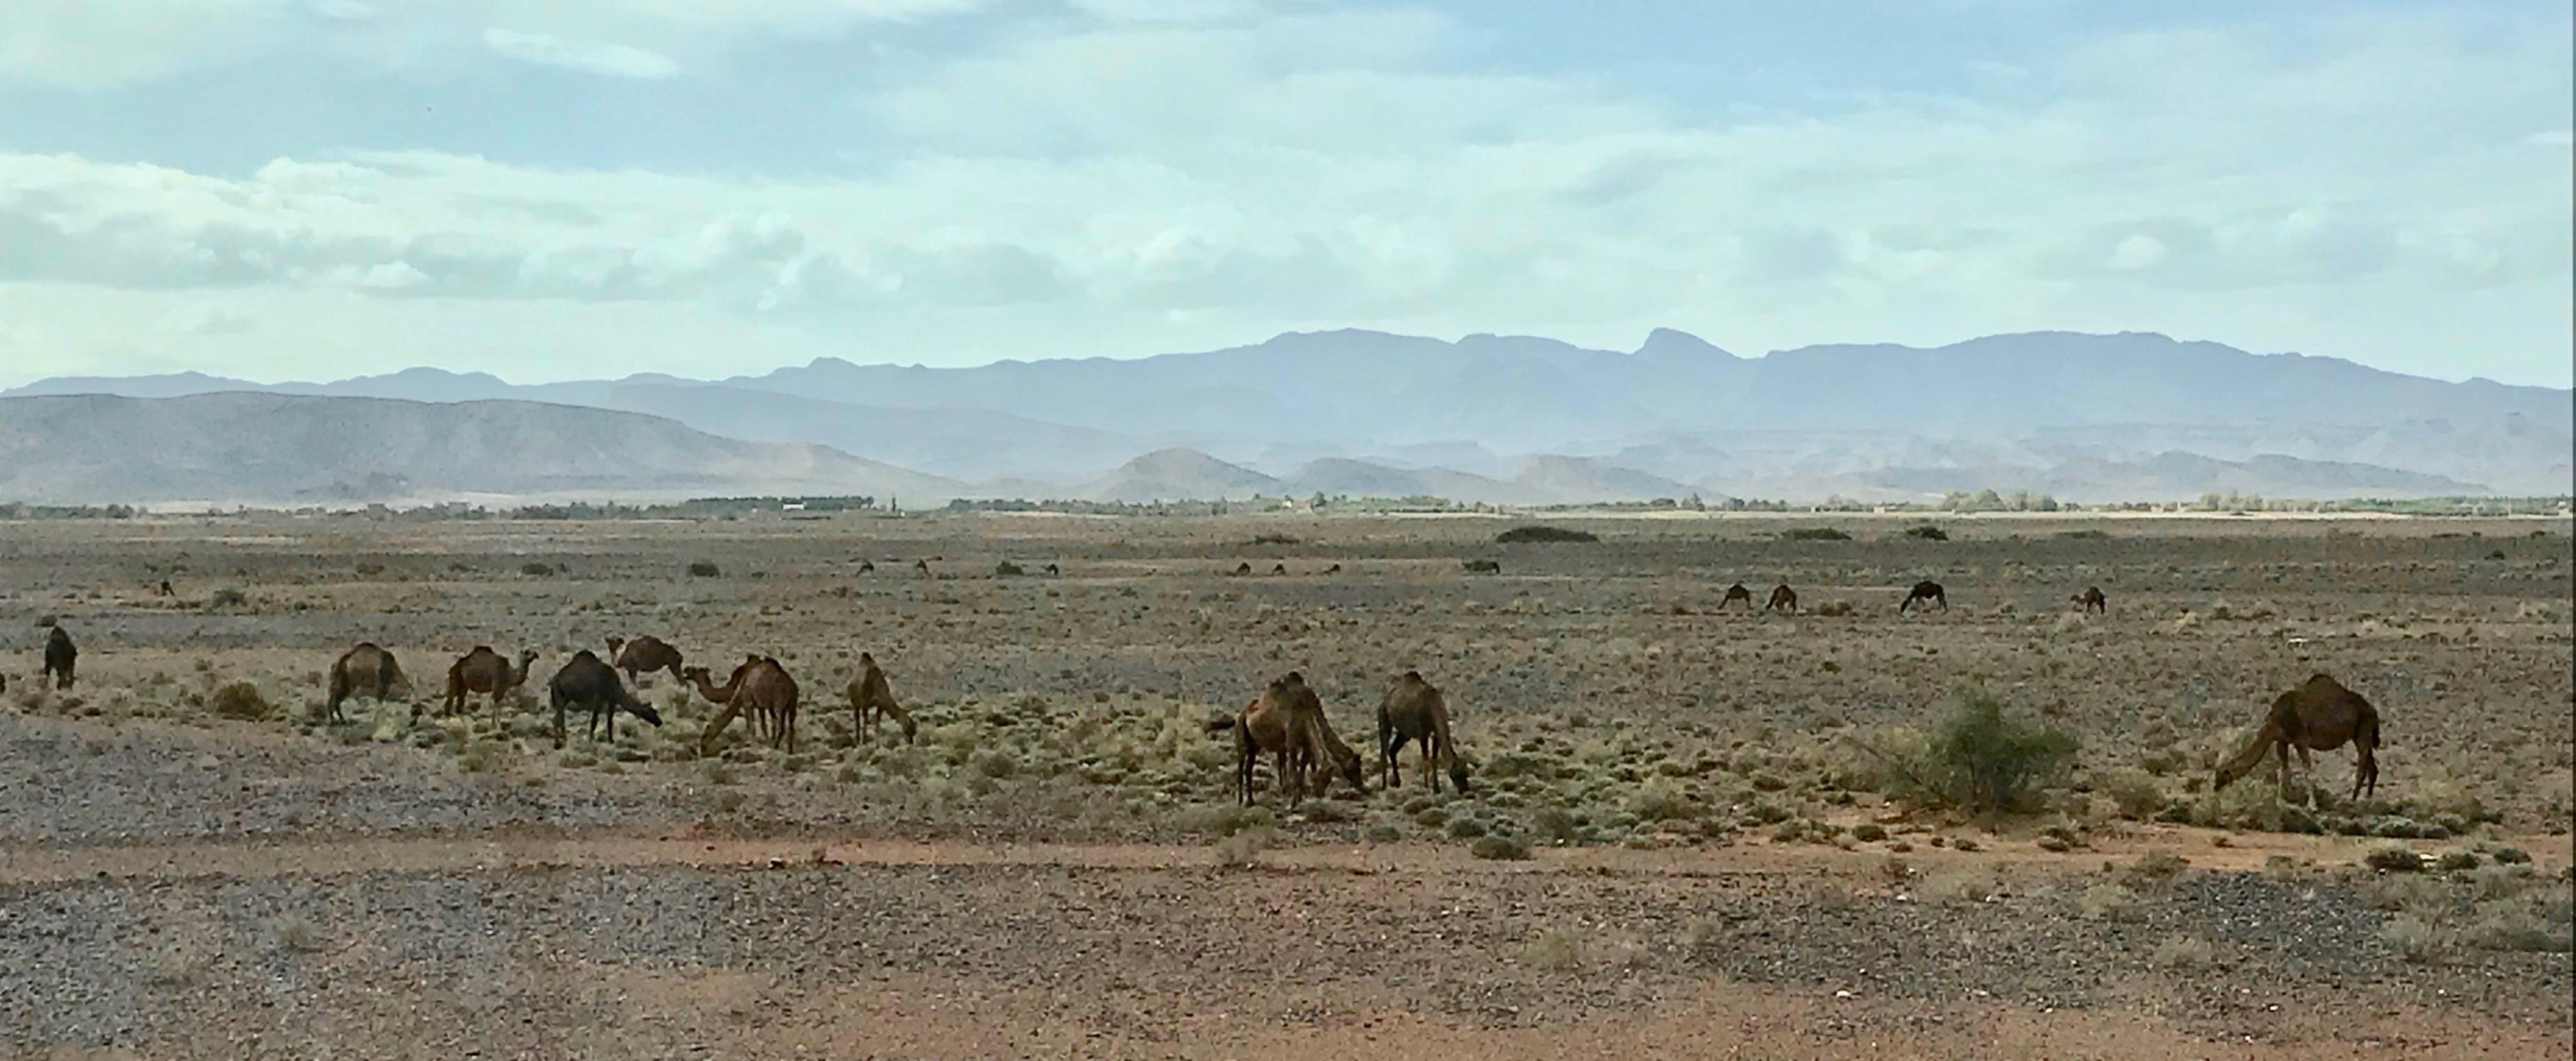 Camel herd grazing in gravel desert